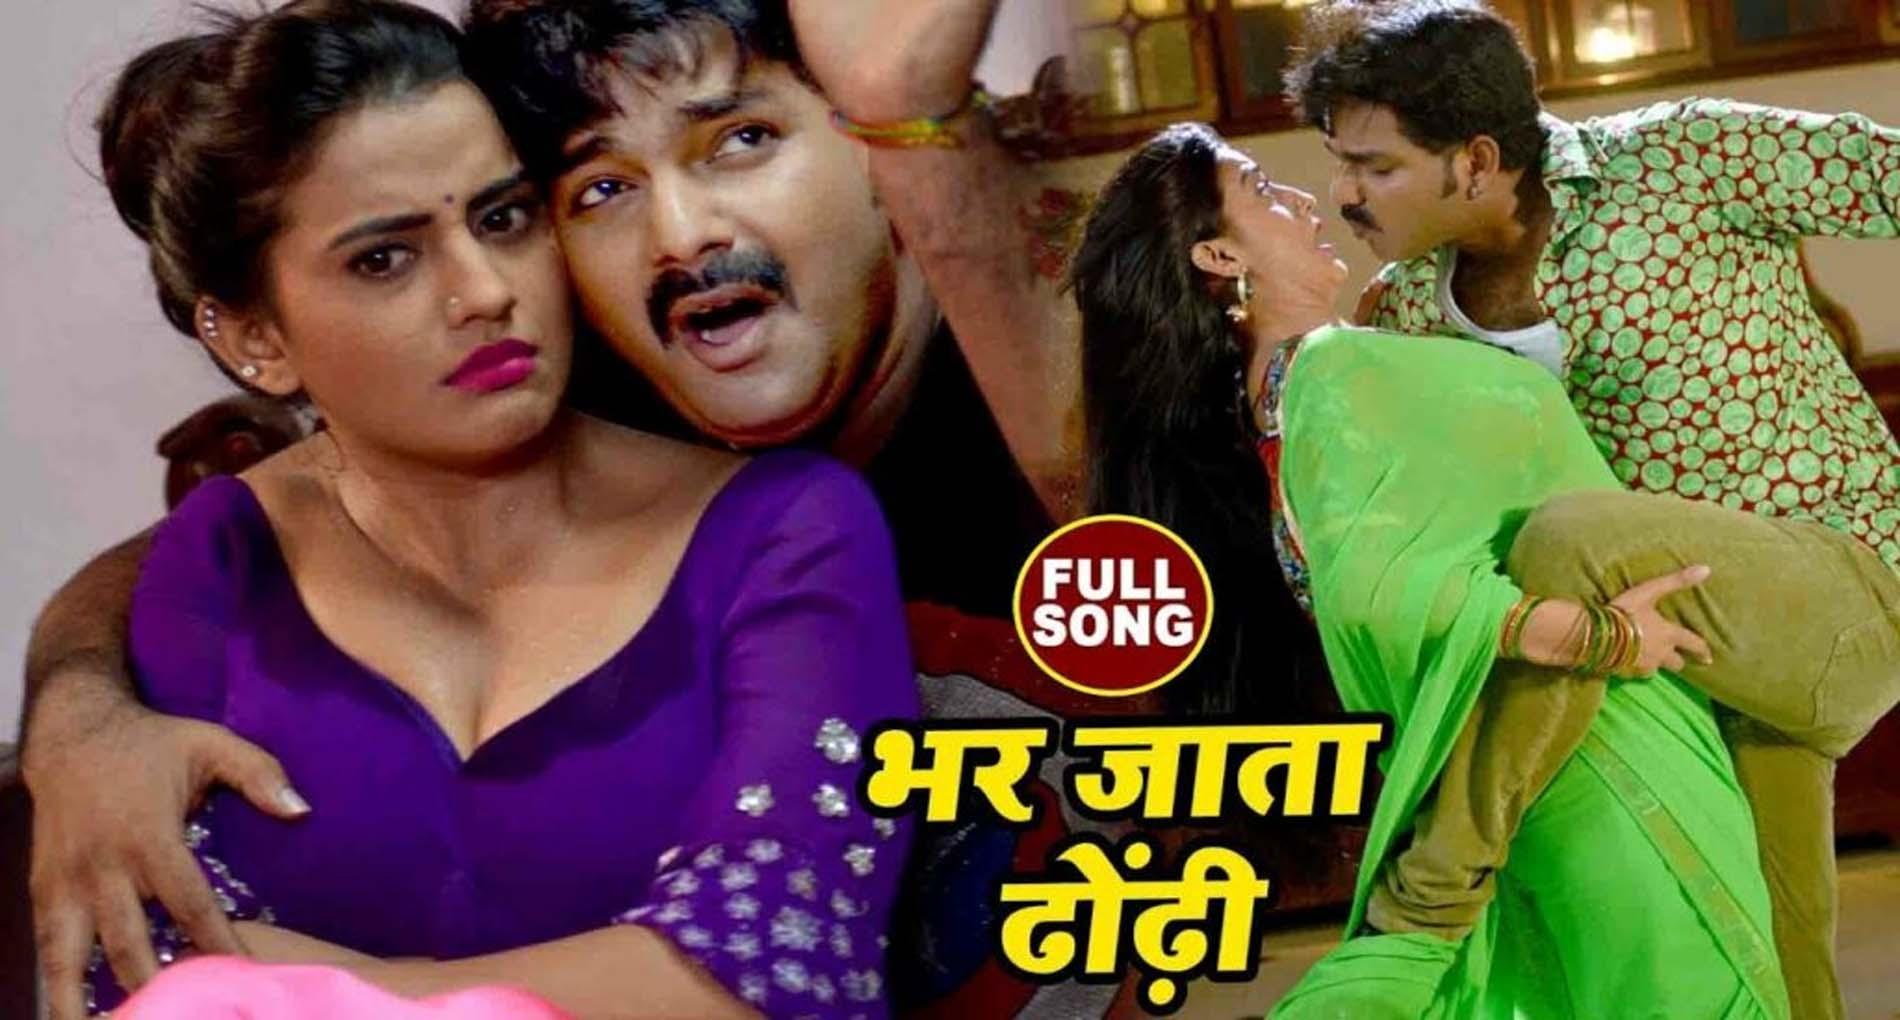 Pawan Singh Video Song: पवन सिंह के गाने 'भर जाता ढ़ोढी मोर पसीना से' ने मचाया धमाल! देखें वीडियो